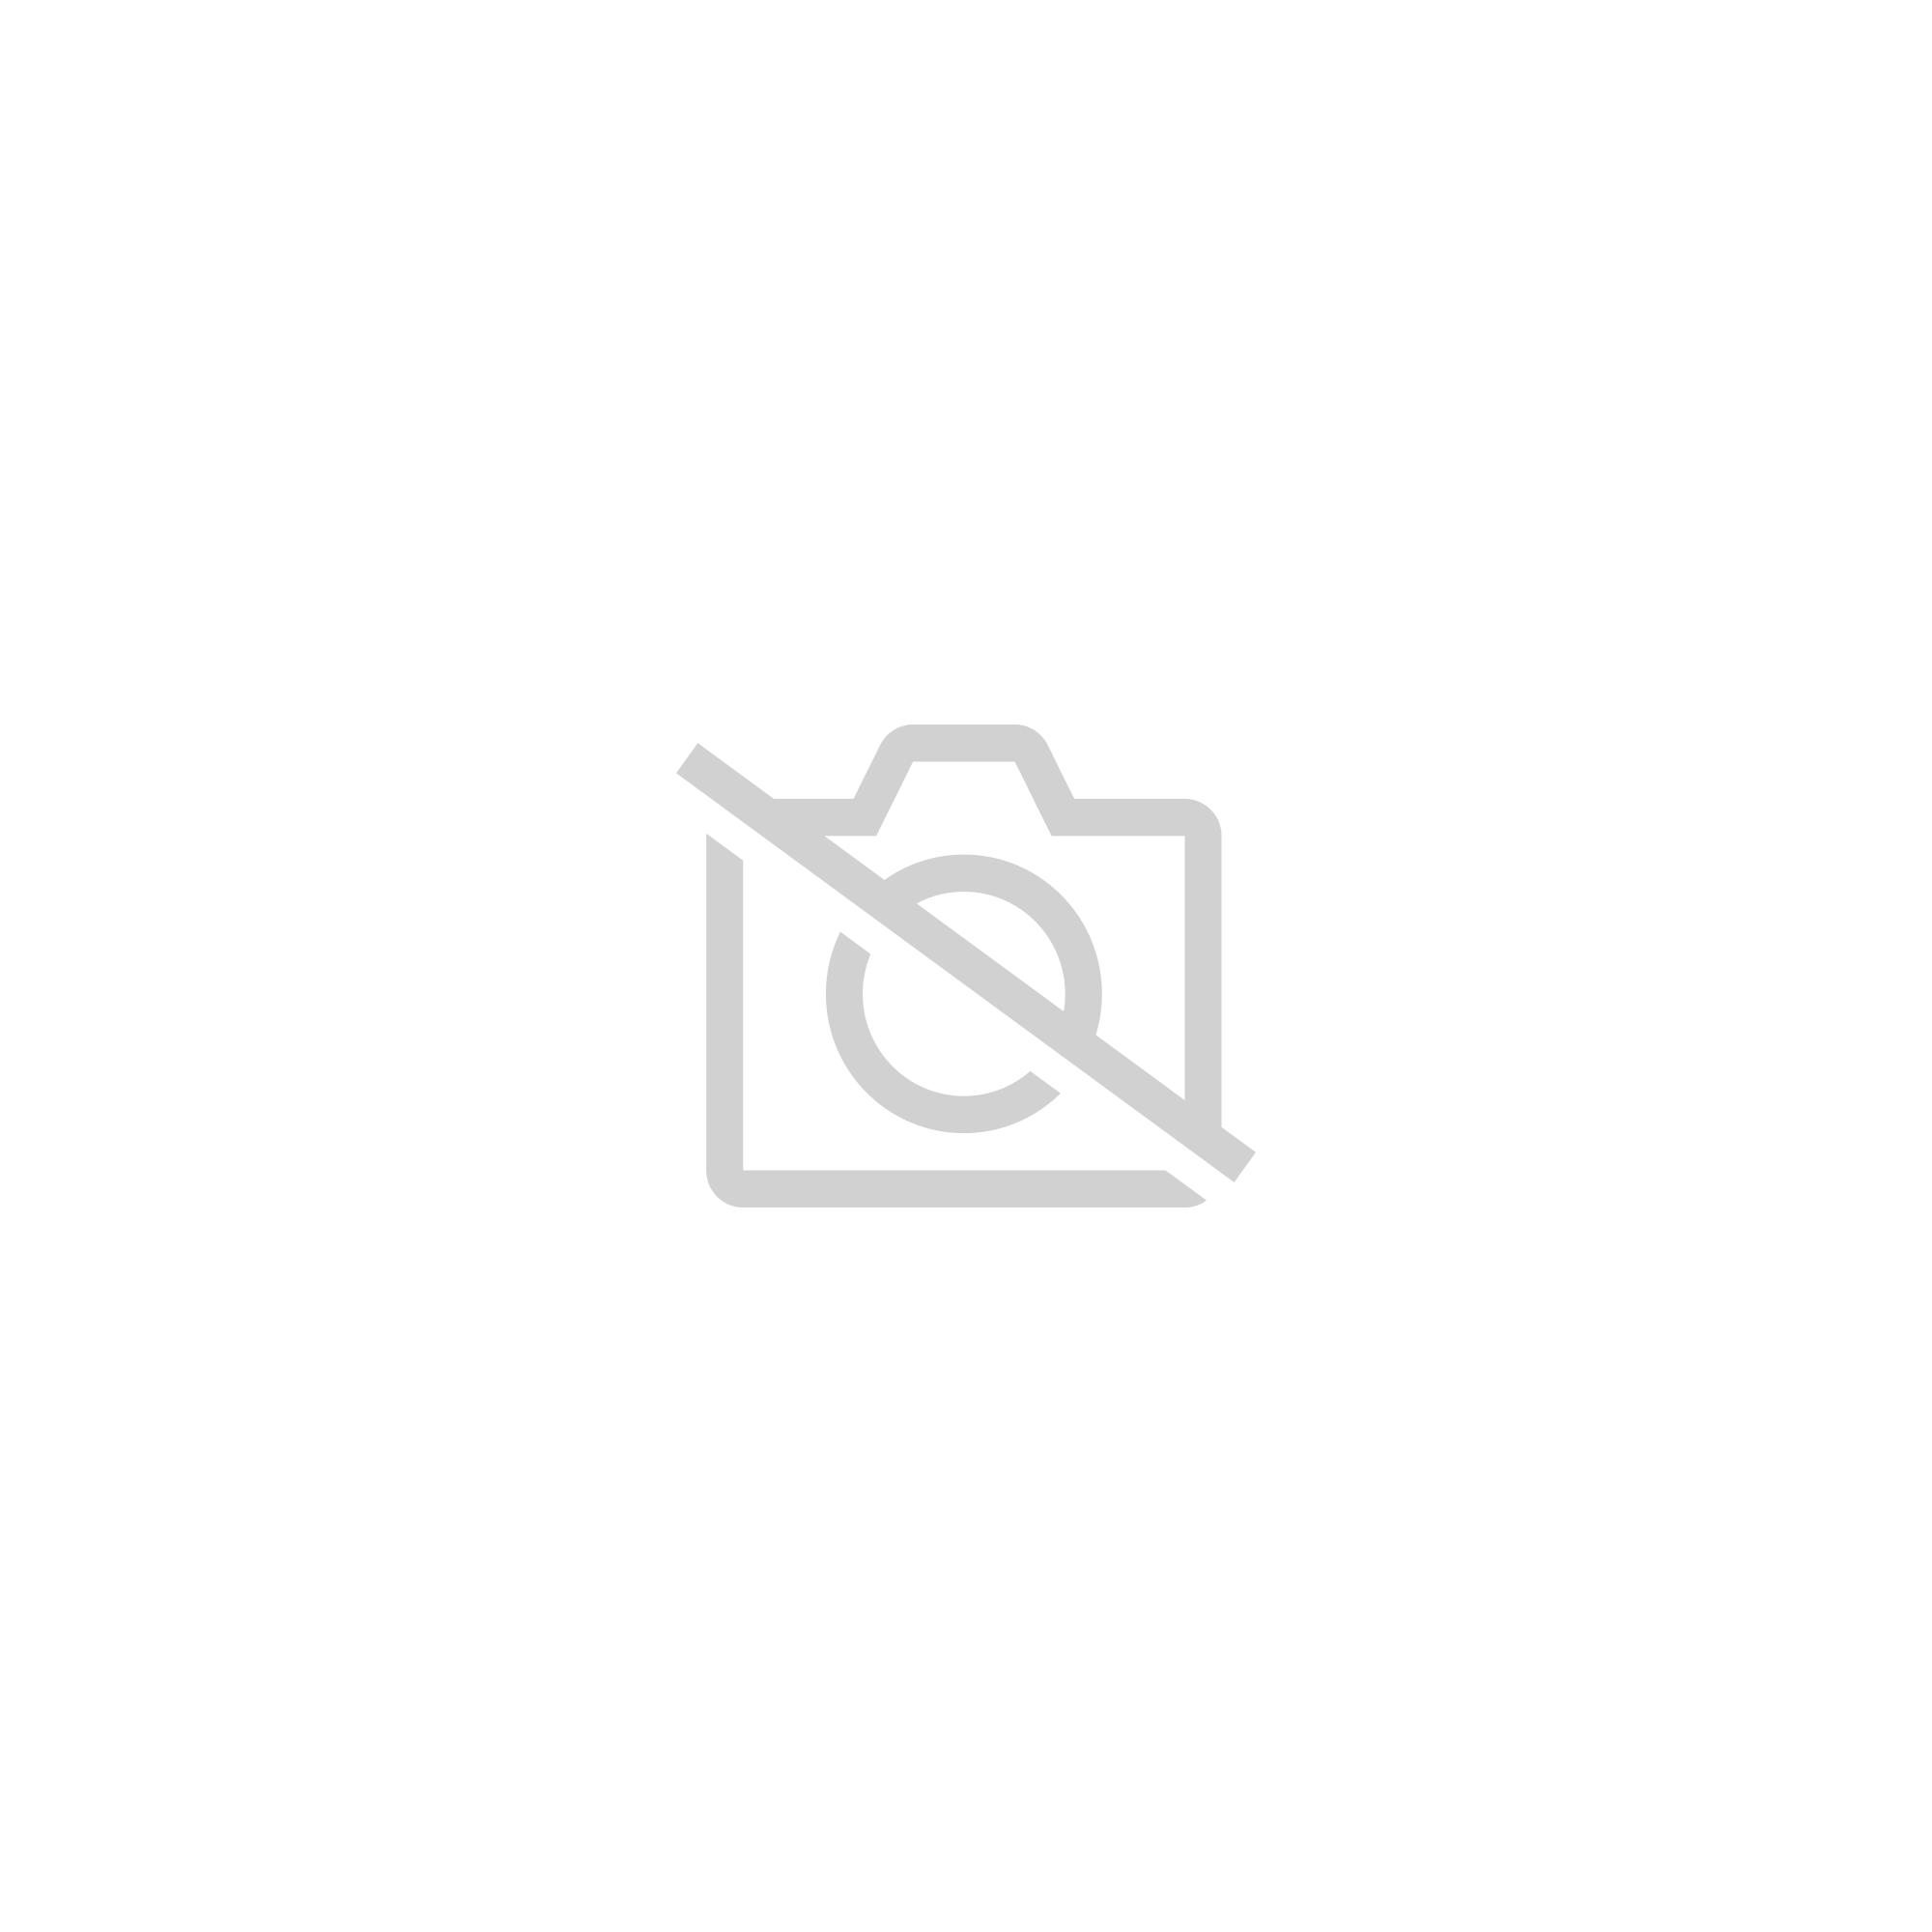 Les eucaryotes et autres mycètes du hippie 894188103